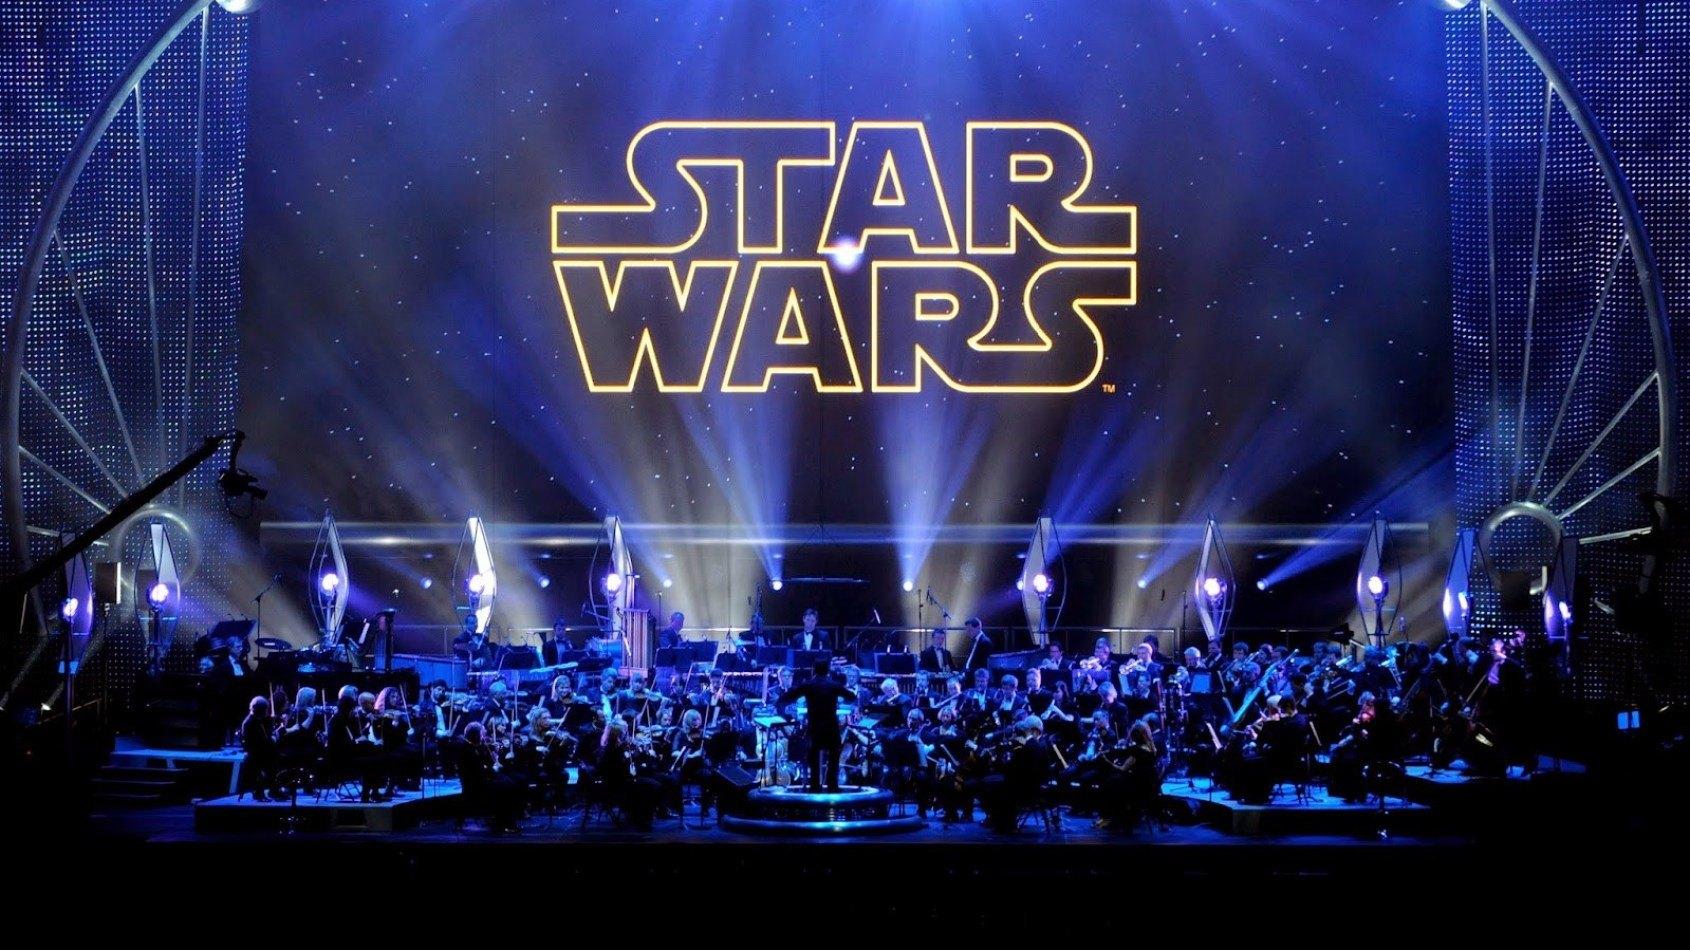 Le Retour de Star Wars en Concert !